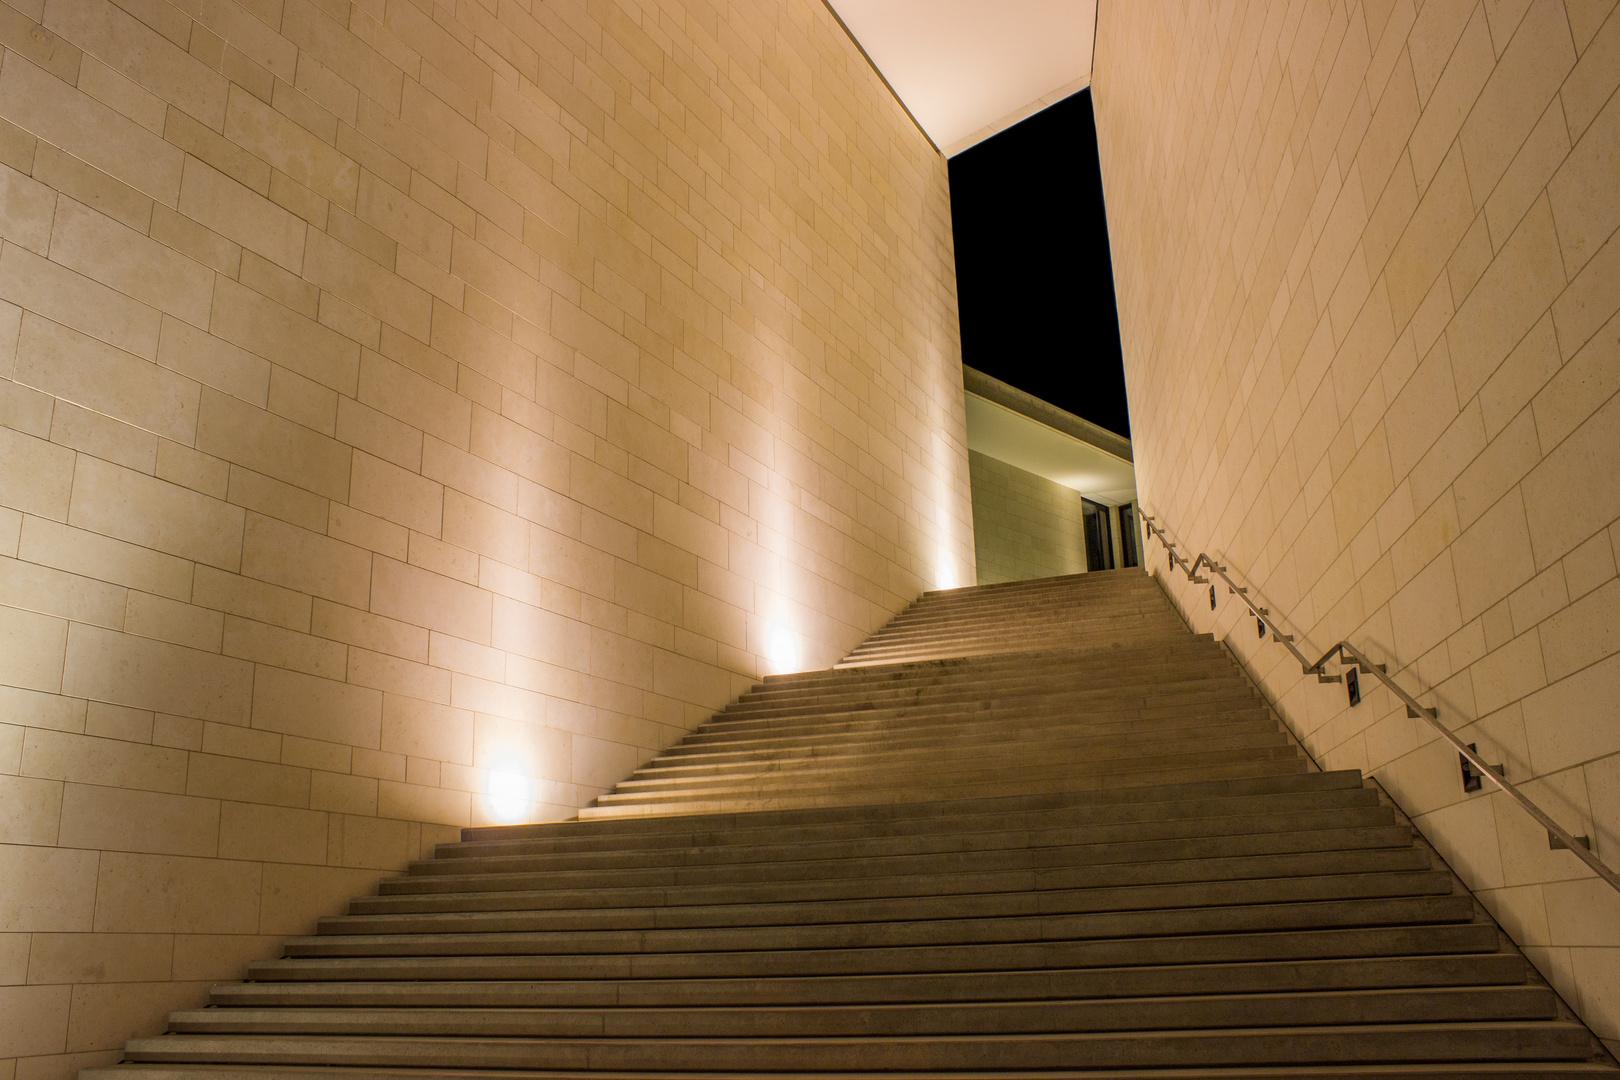 Treppen Dortmund die treppe adac dortmund foto bild architektur architektur